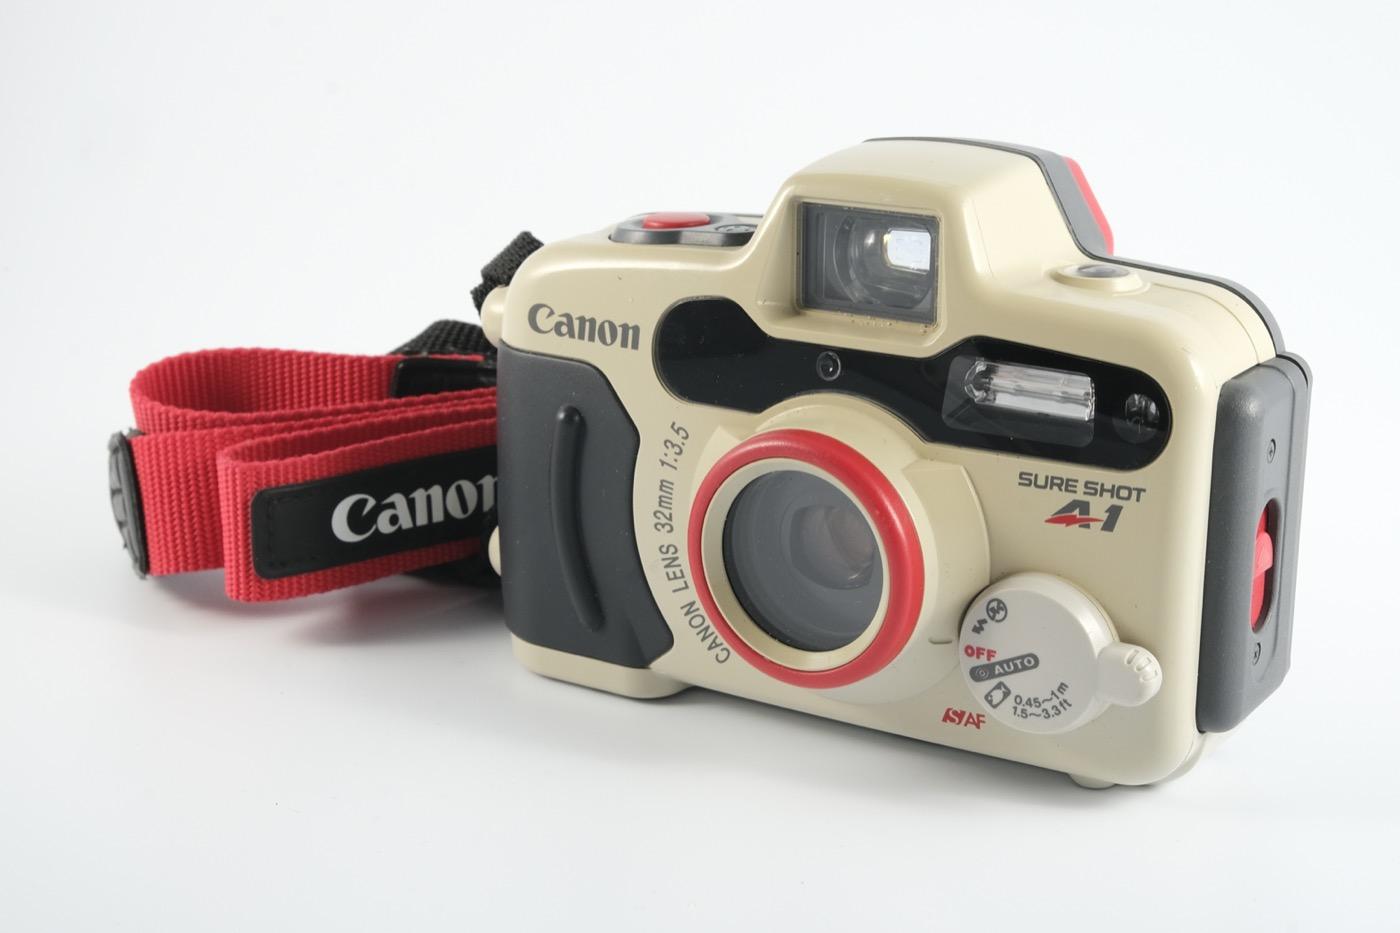 Canon Sure Shot A1 camera